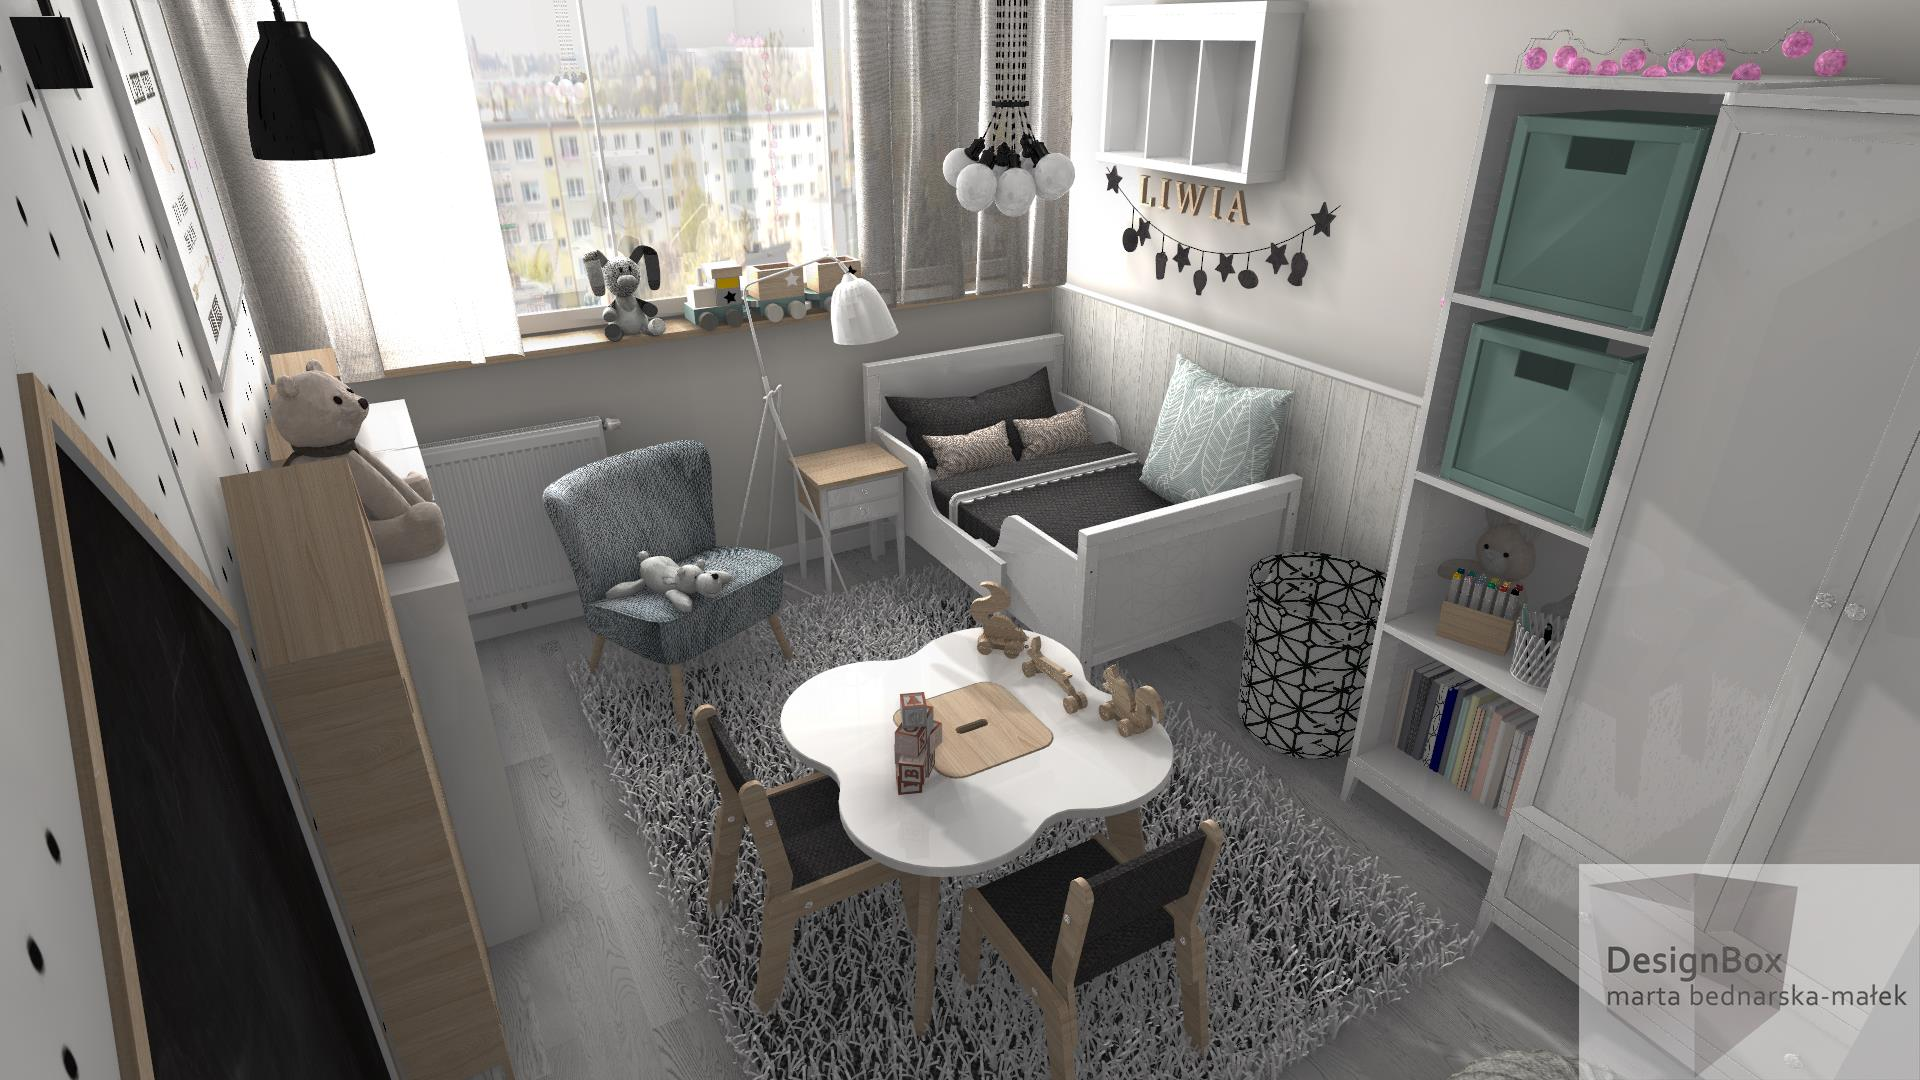 Projektowanie wnętrz_głogów._designbox_marta_bednarska_małek_8